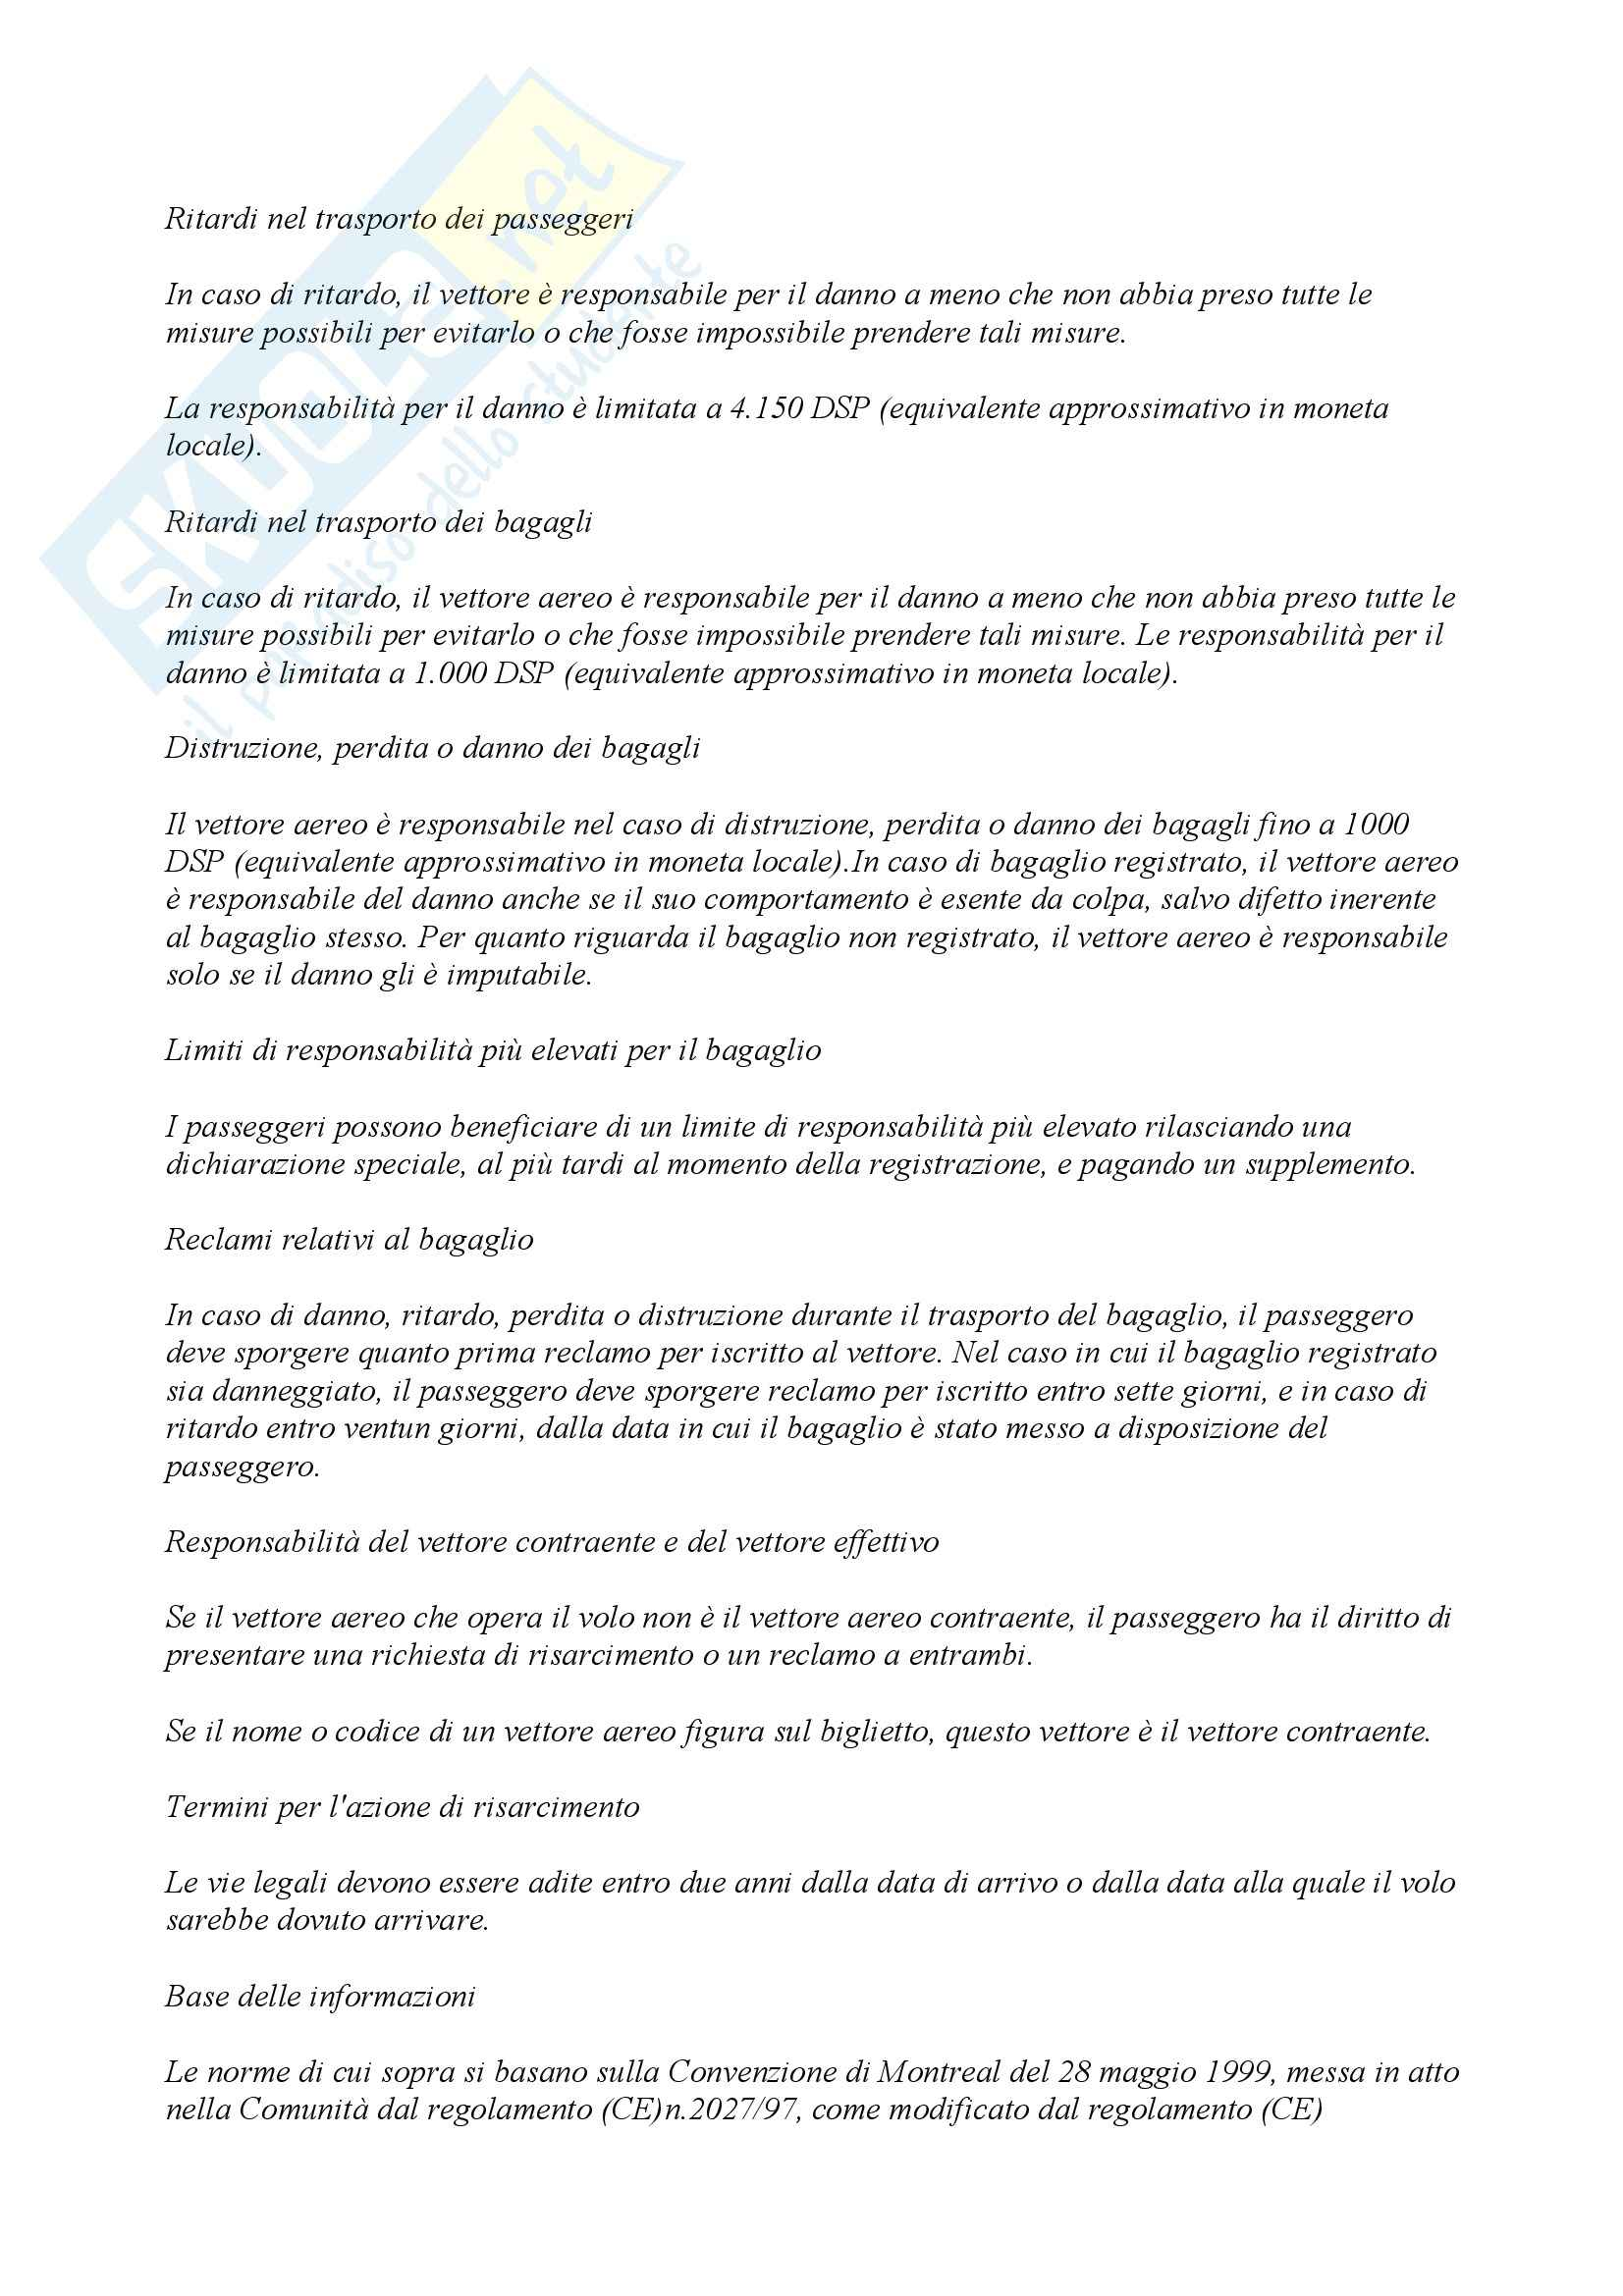 Diritto comunitario - Responsabilità vettore aereo Pag. 6